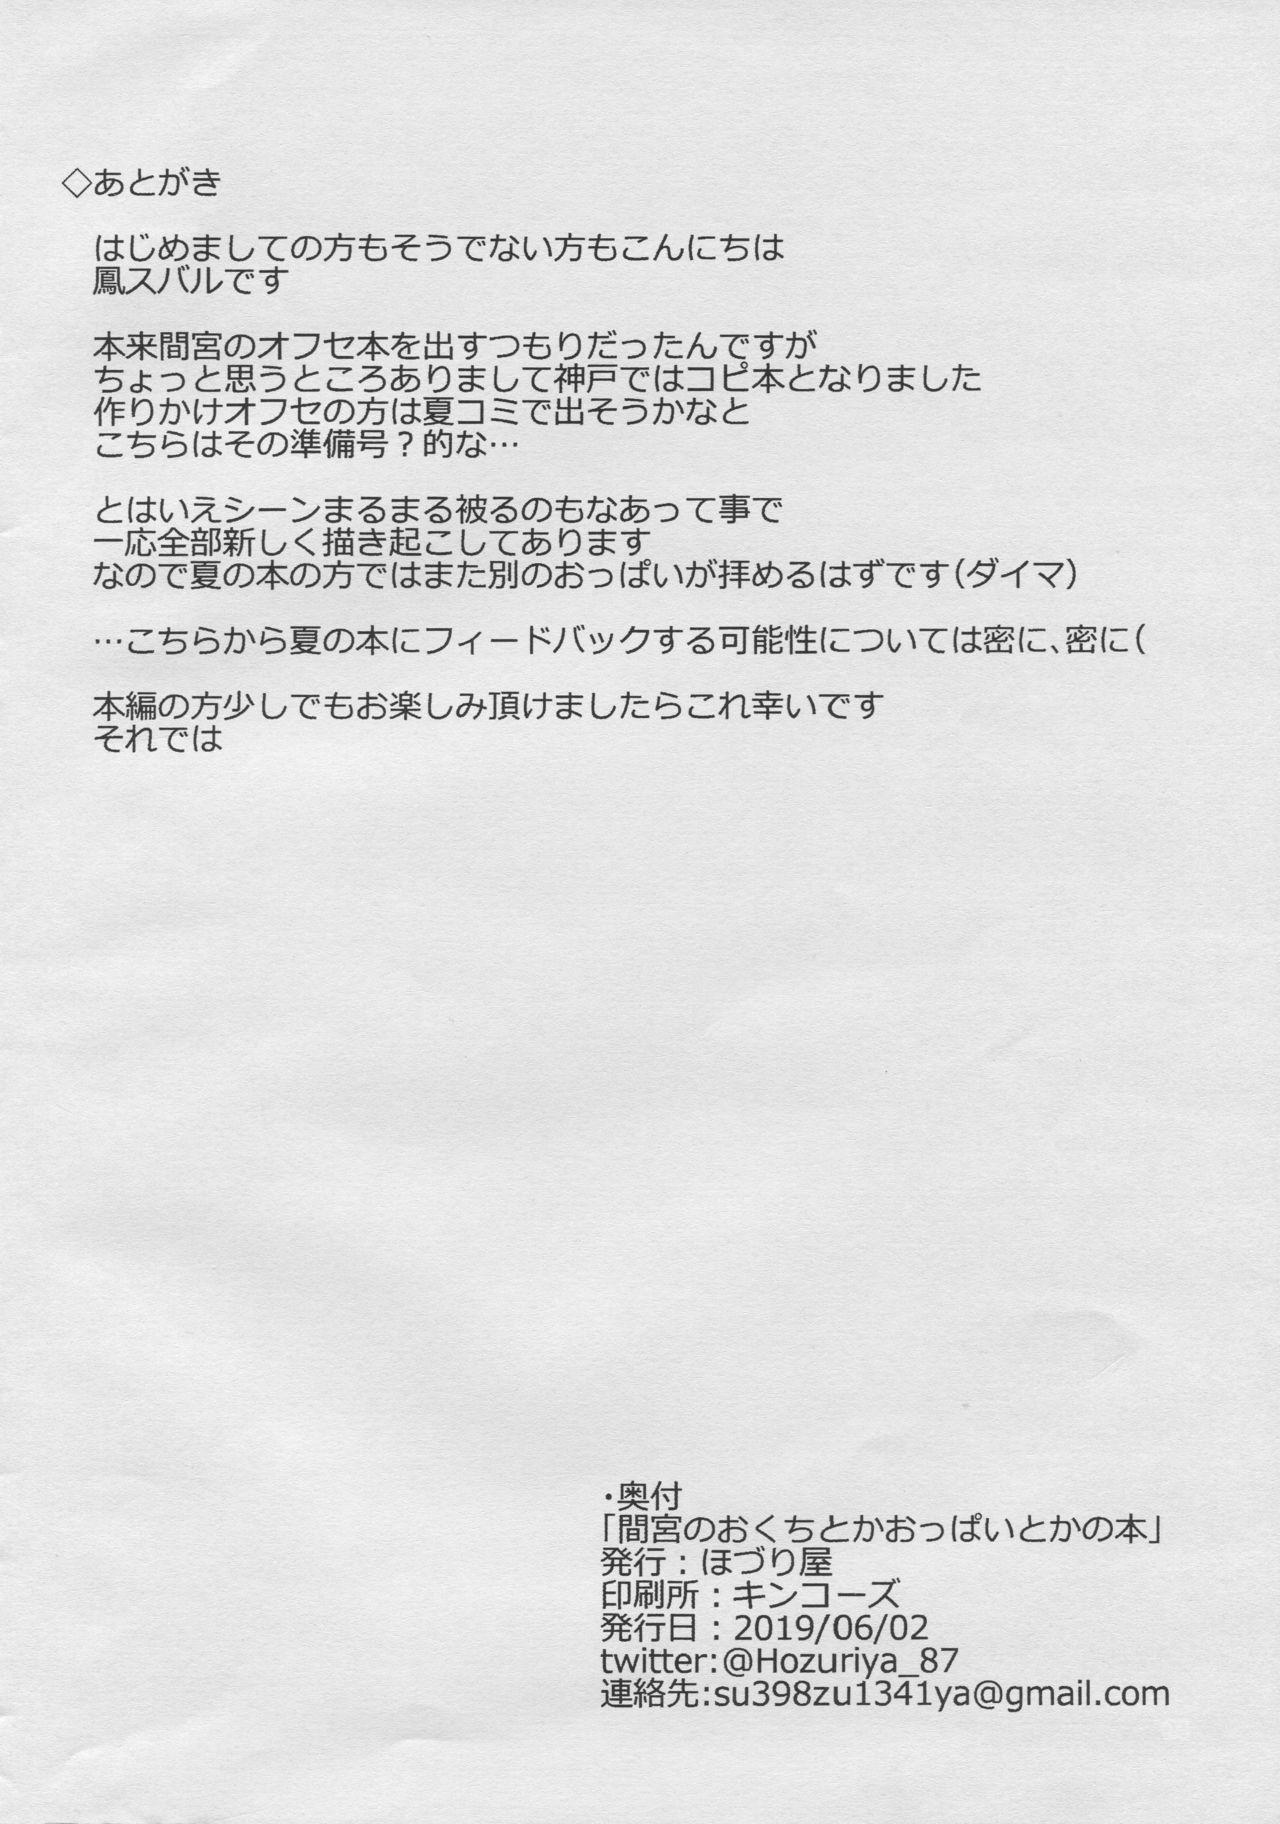 Mamiya no Okuchi toka Oppai toka no Hon 9